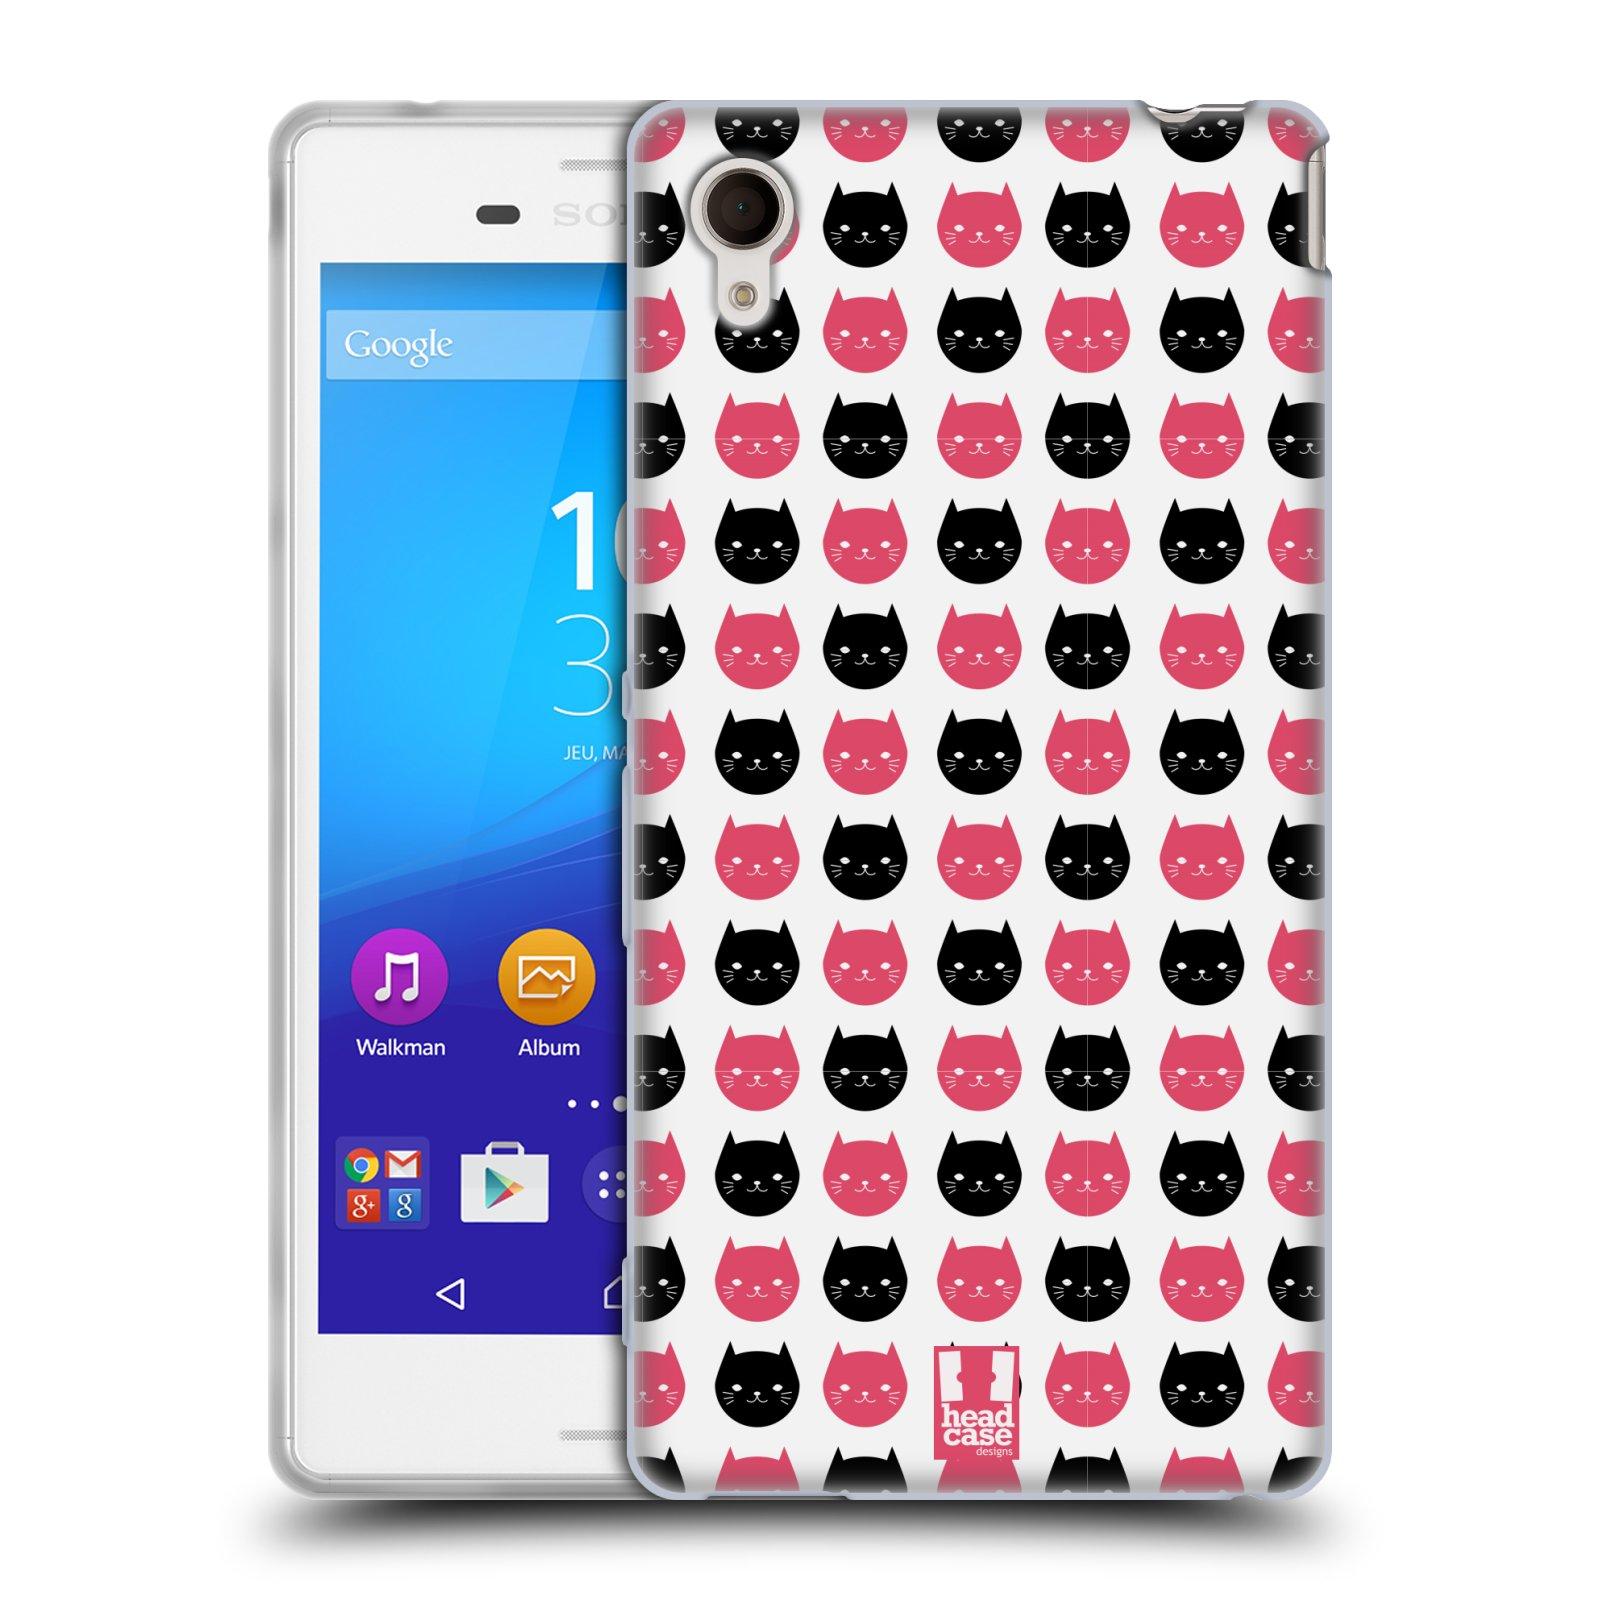 Silikonové pouzdro na mobil Sony Xperia M4 Aqua E2303 HEAD CASE KOČKY Black and Pink (Silikonový kryt či obal na mobilní telefon Sony Xperia M4 Aqua a M4 Aqua Dual SIM)